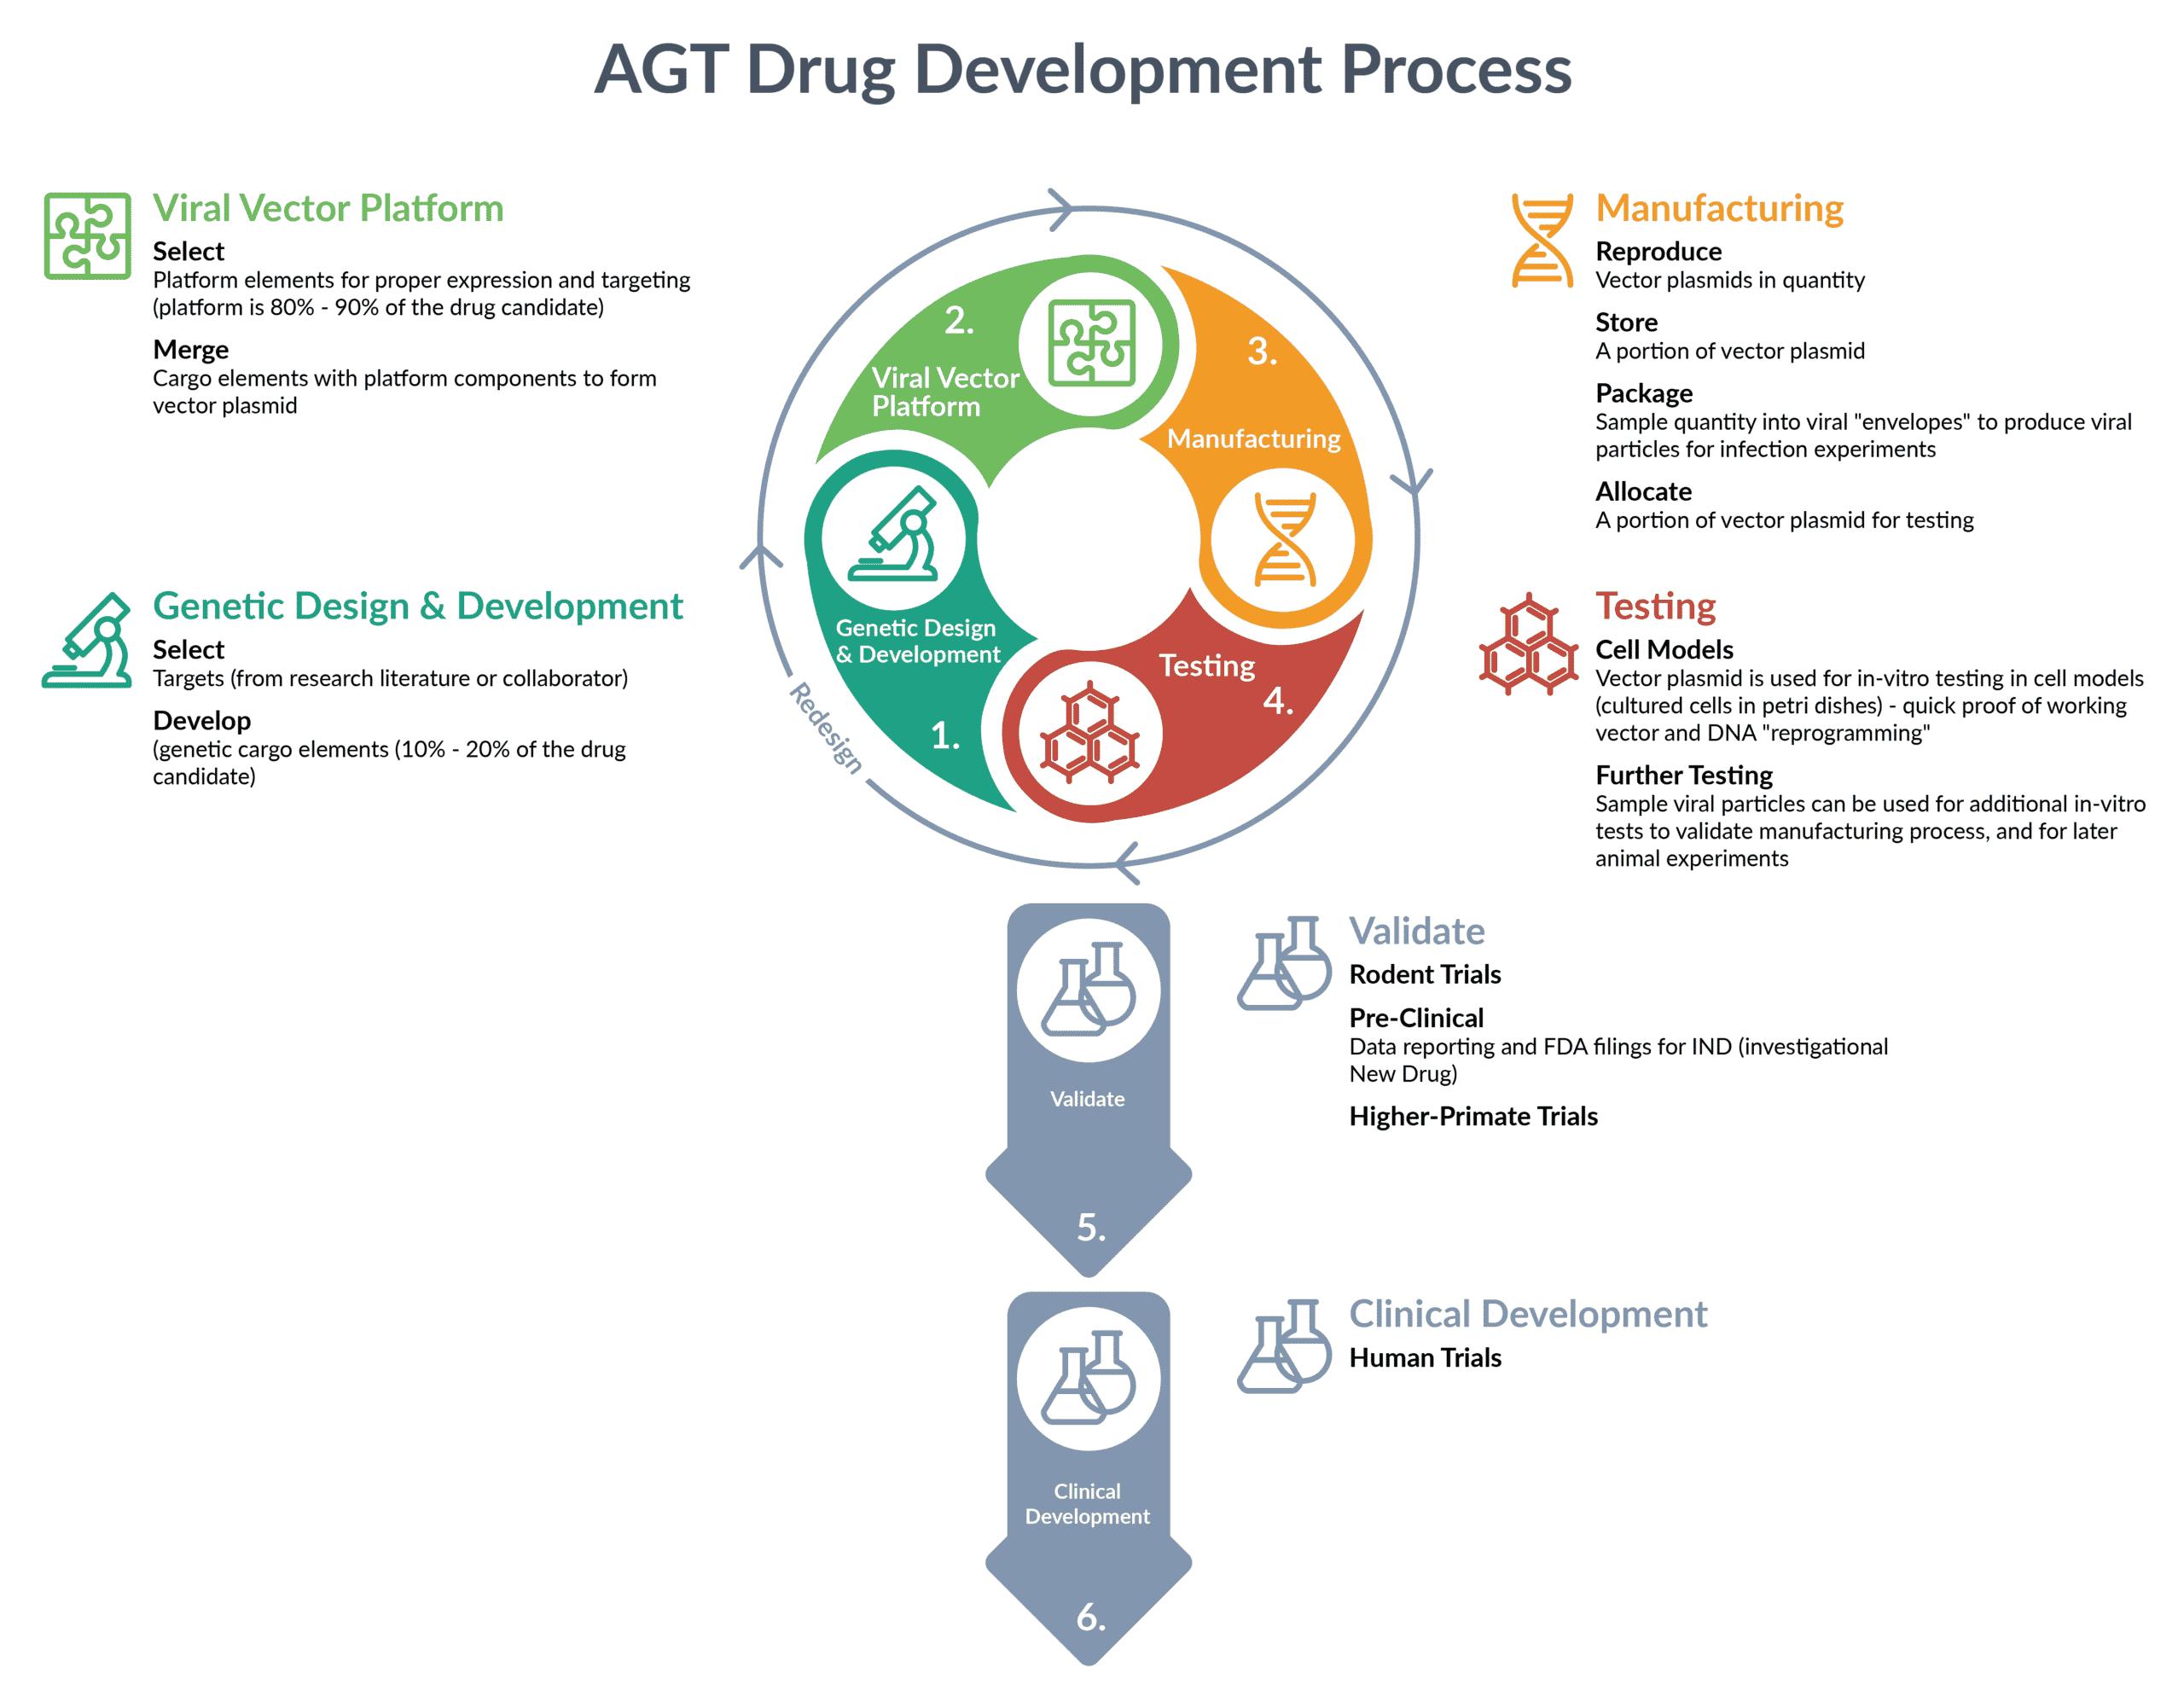 AGT-DrugDevProcess